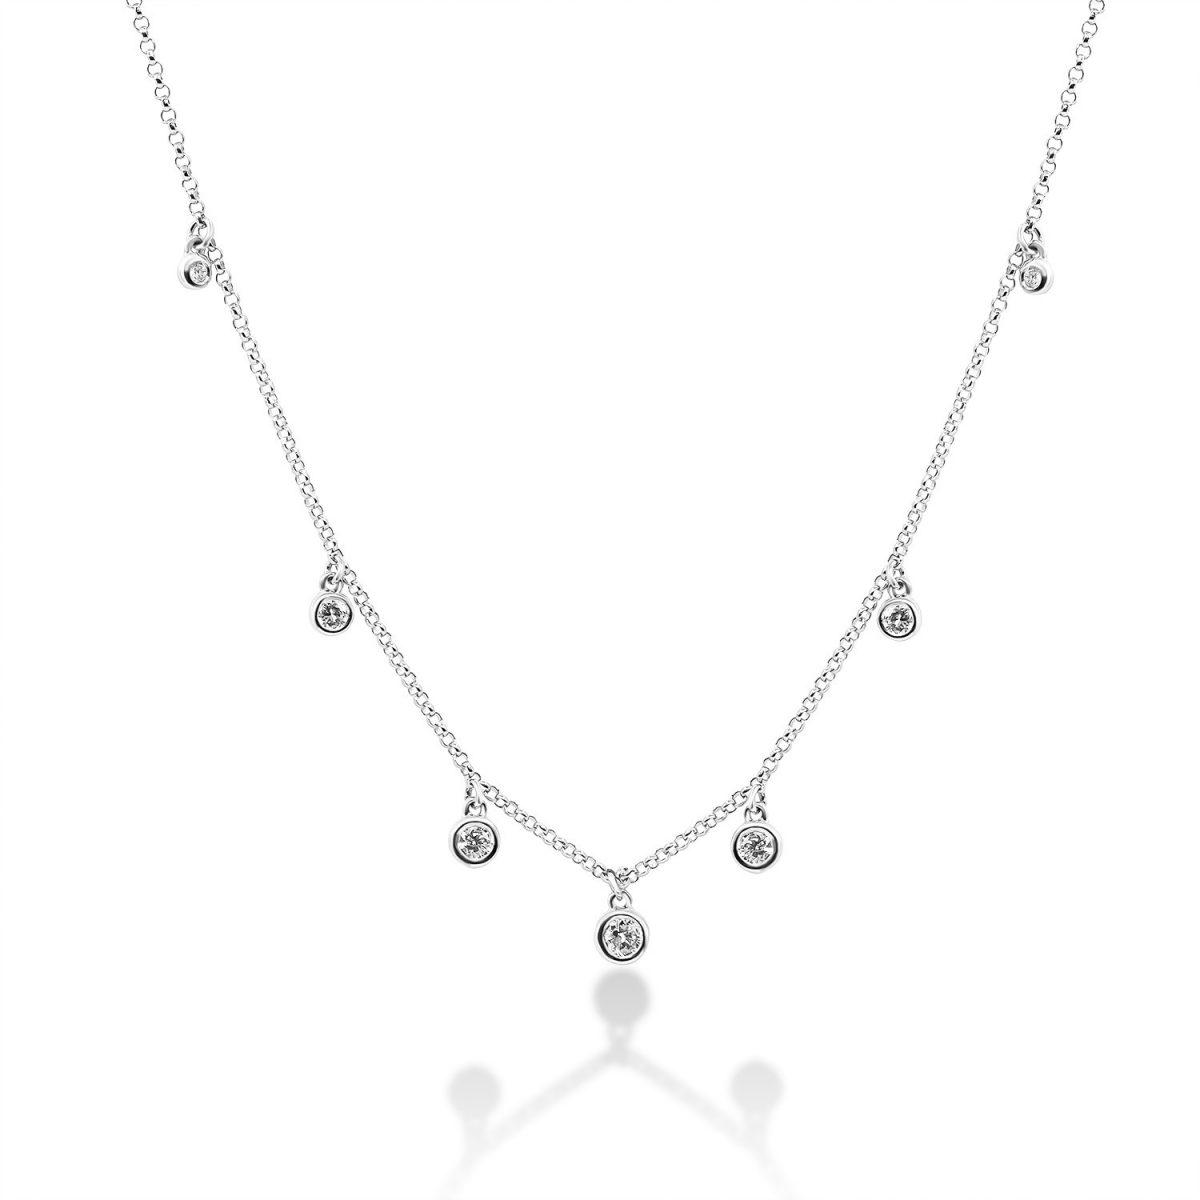 שרשרת יהלומים - ליפז - זהב לבן